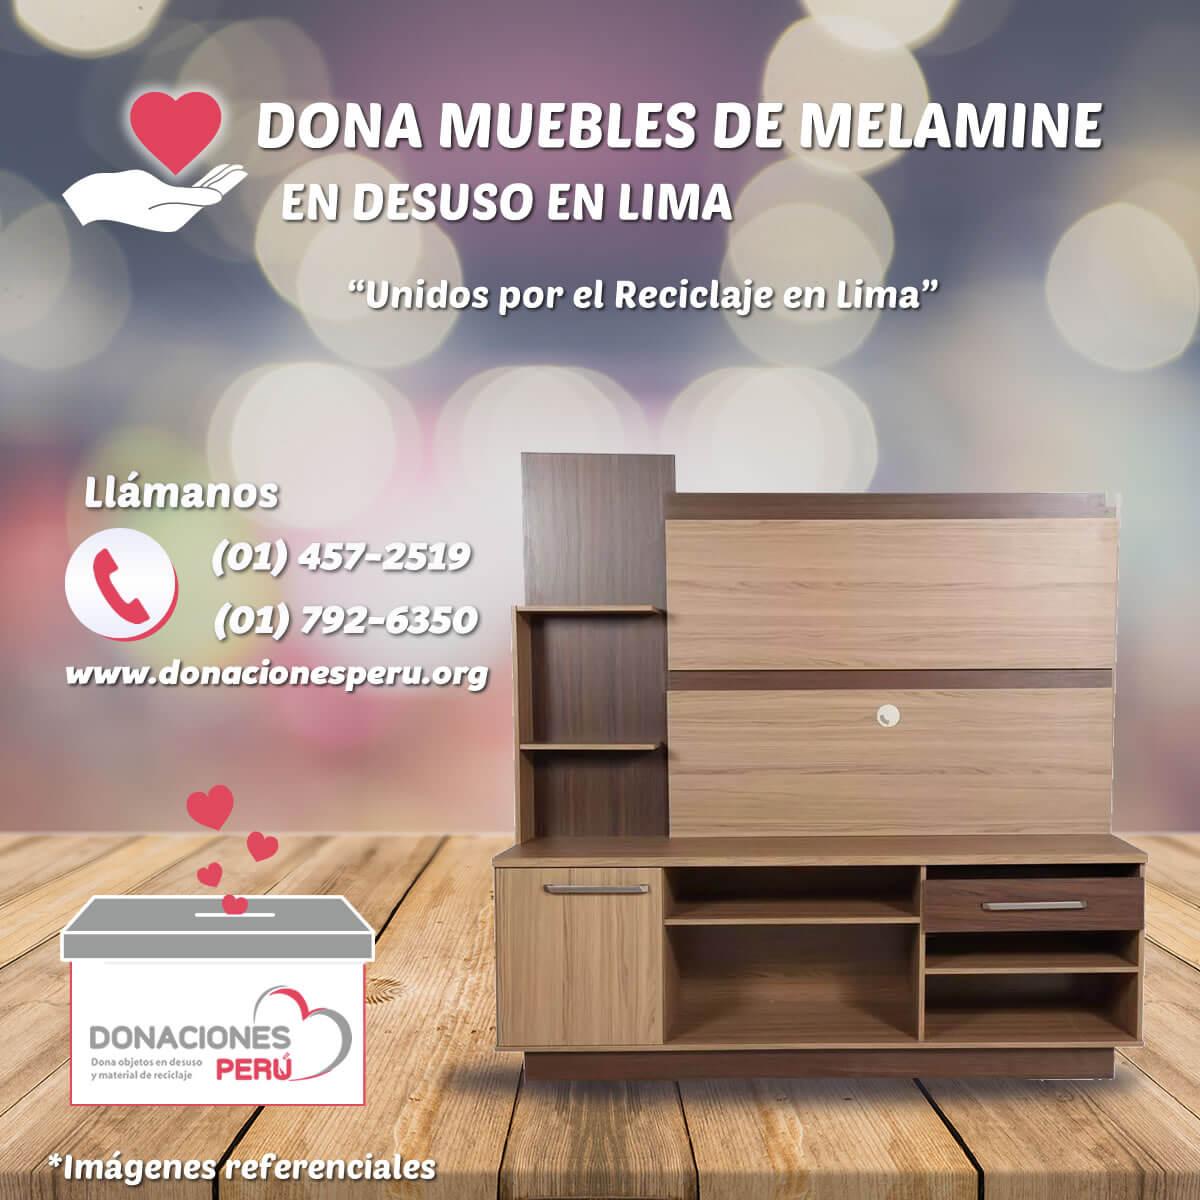 Donaciones Perú - Donaciones de Muebles de Melamine en Lima